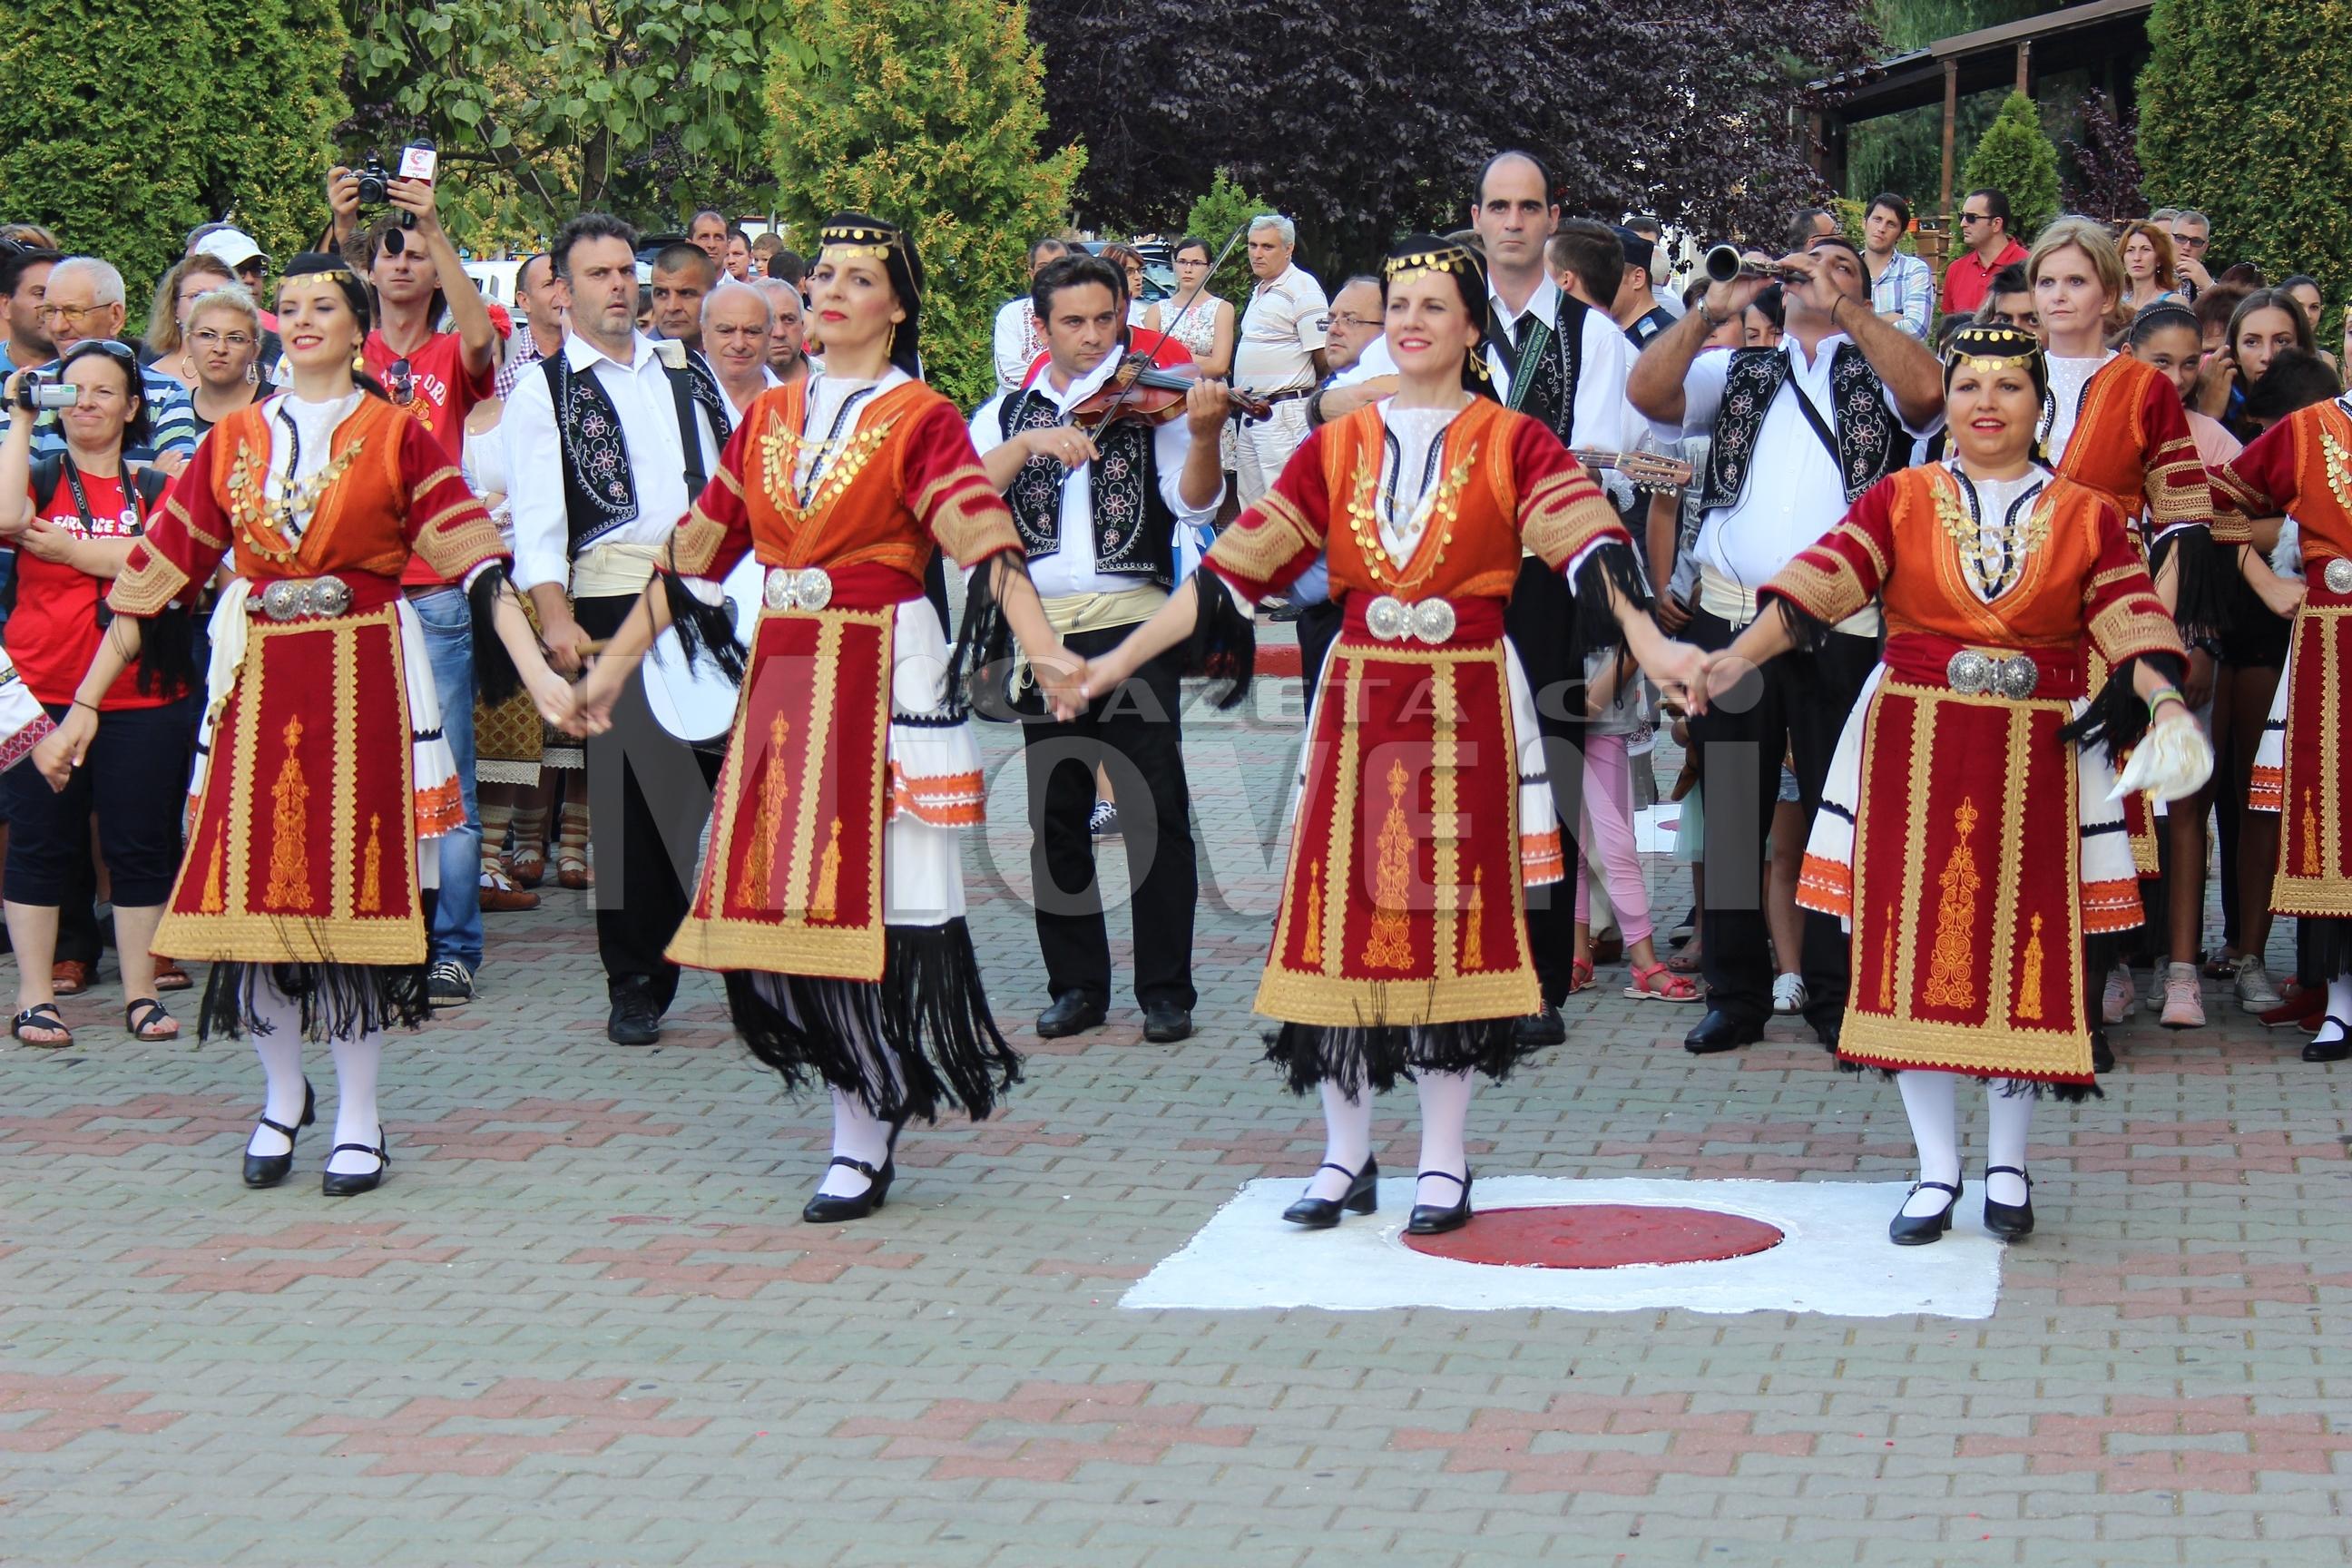 festivalul-international-de-folclor-carpati-mioveni-11-august-2016 (32)